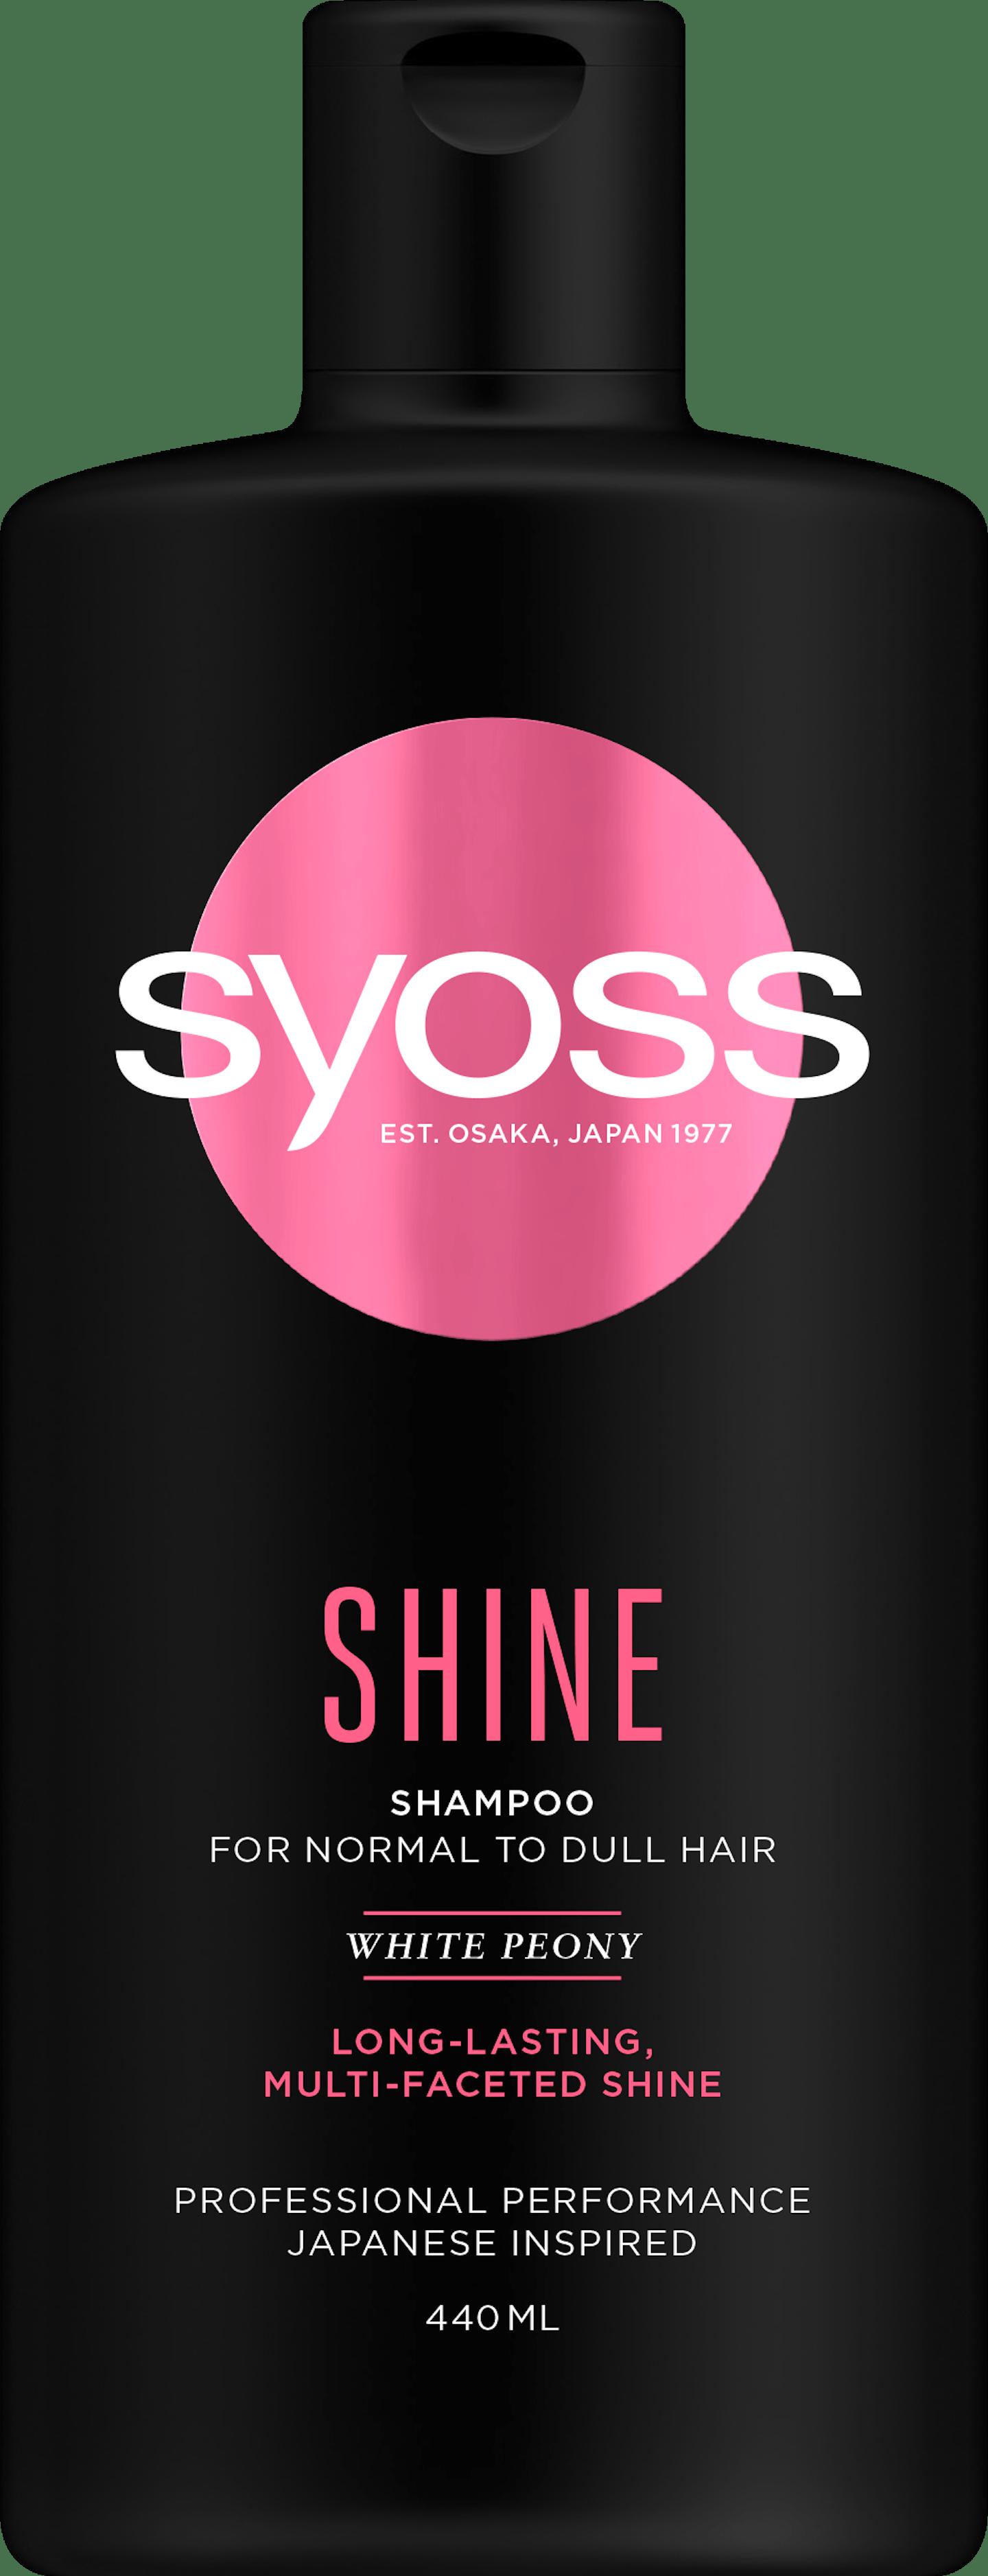 Shine Shampoo pack shot